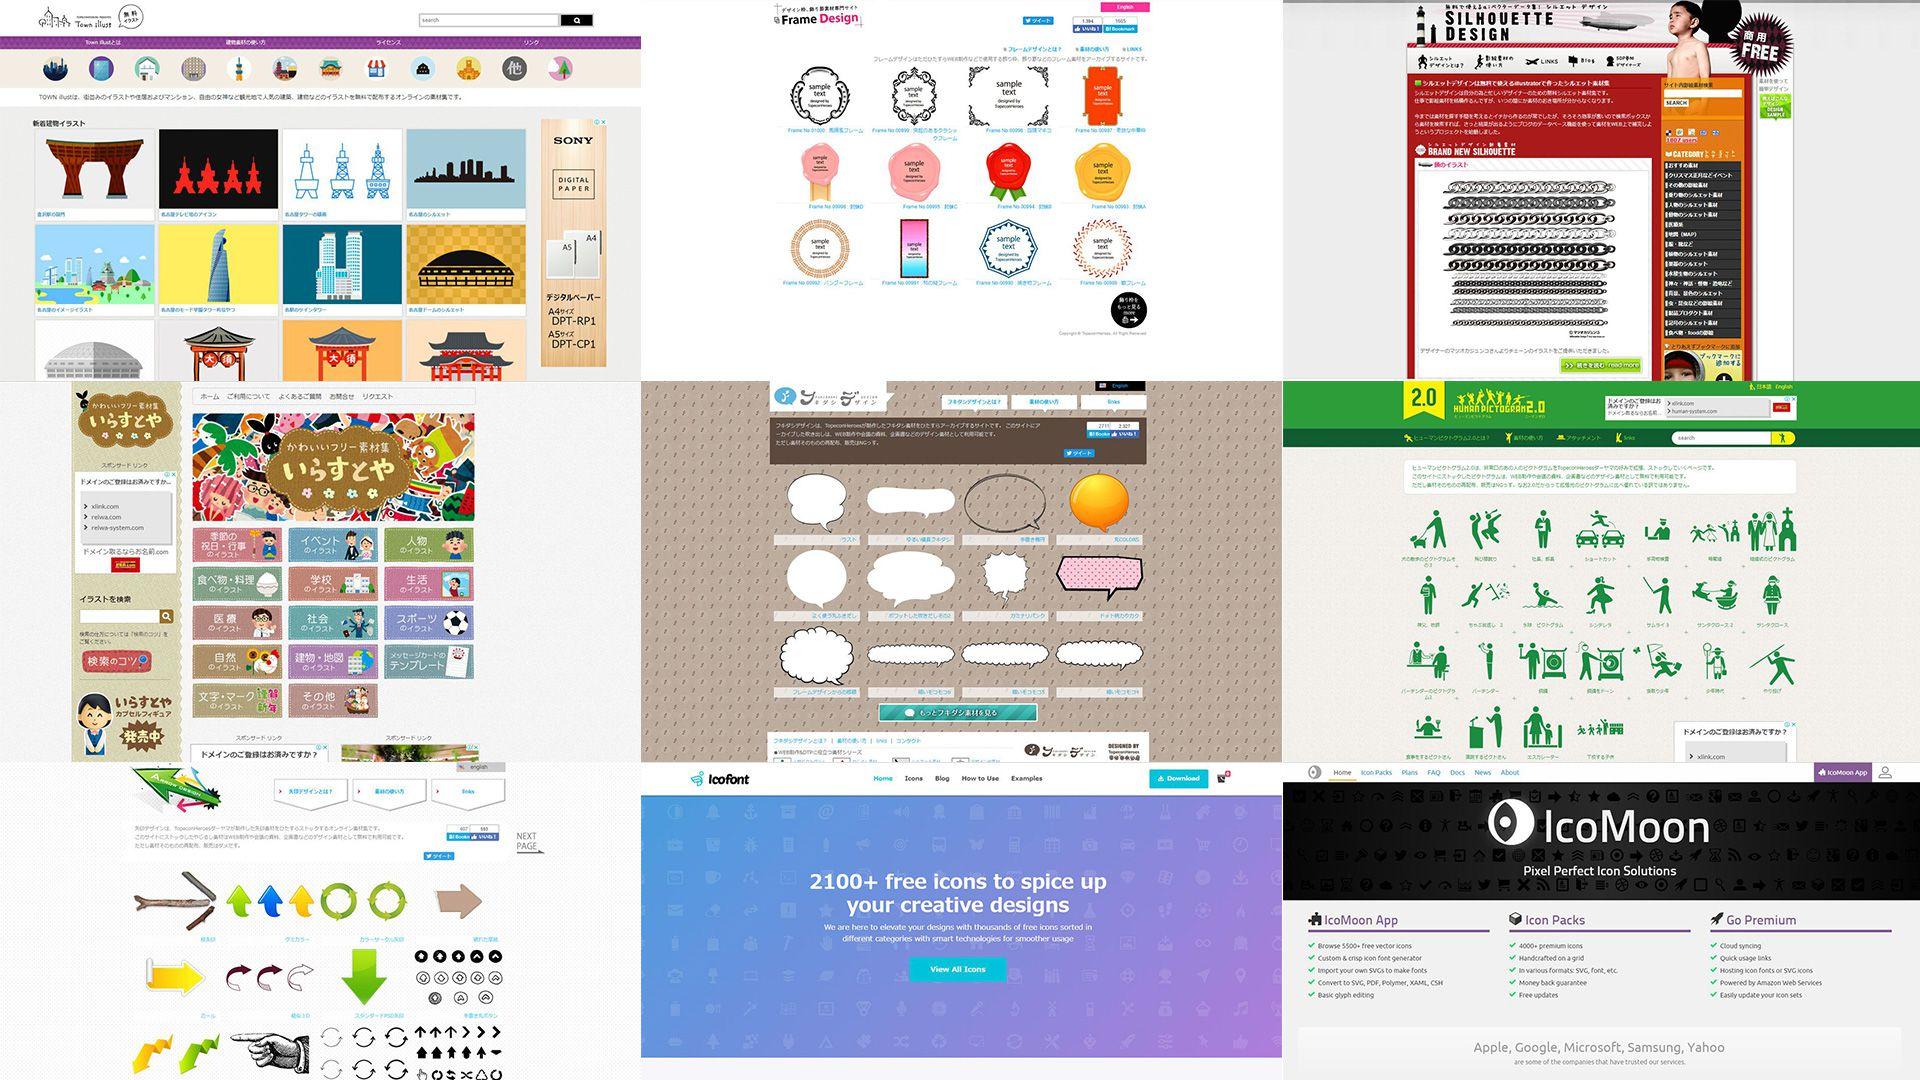 すぐ使える無料のイラスト・アイコン素材サイト【資料作りにも最適】